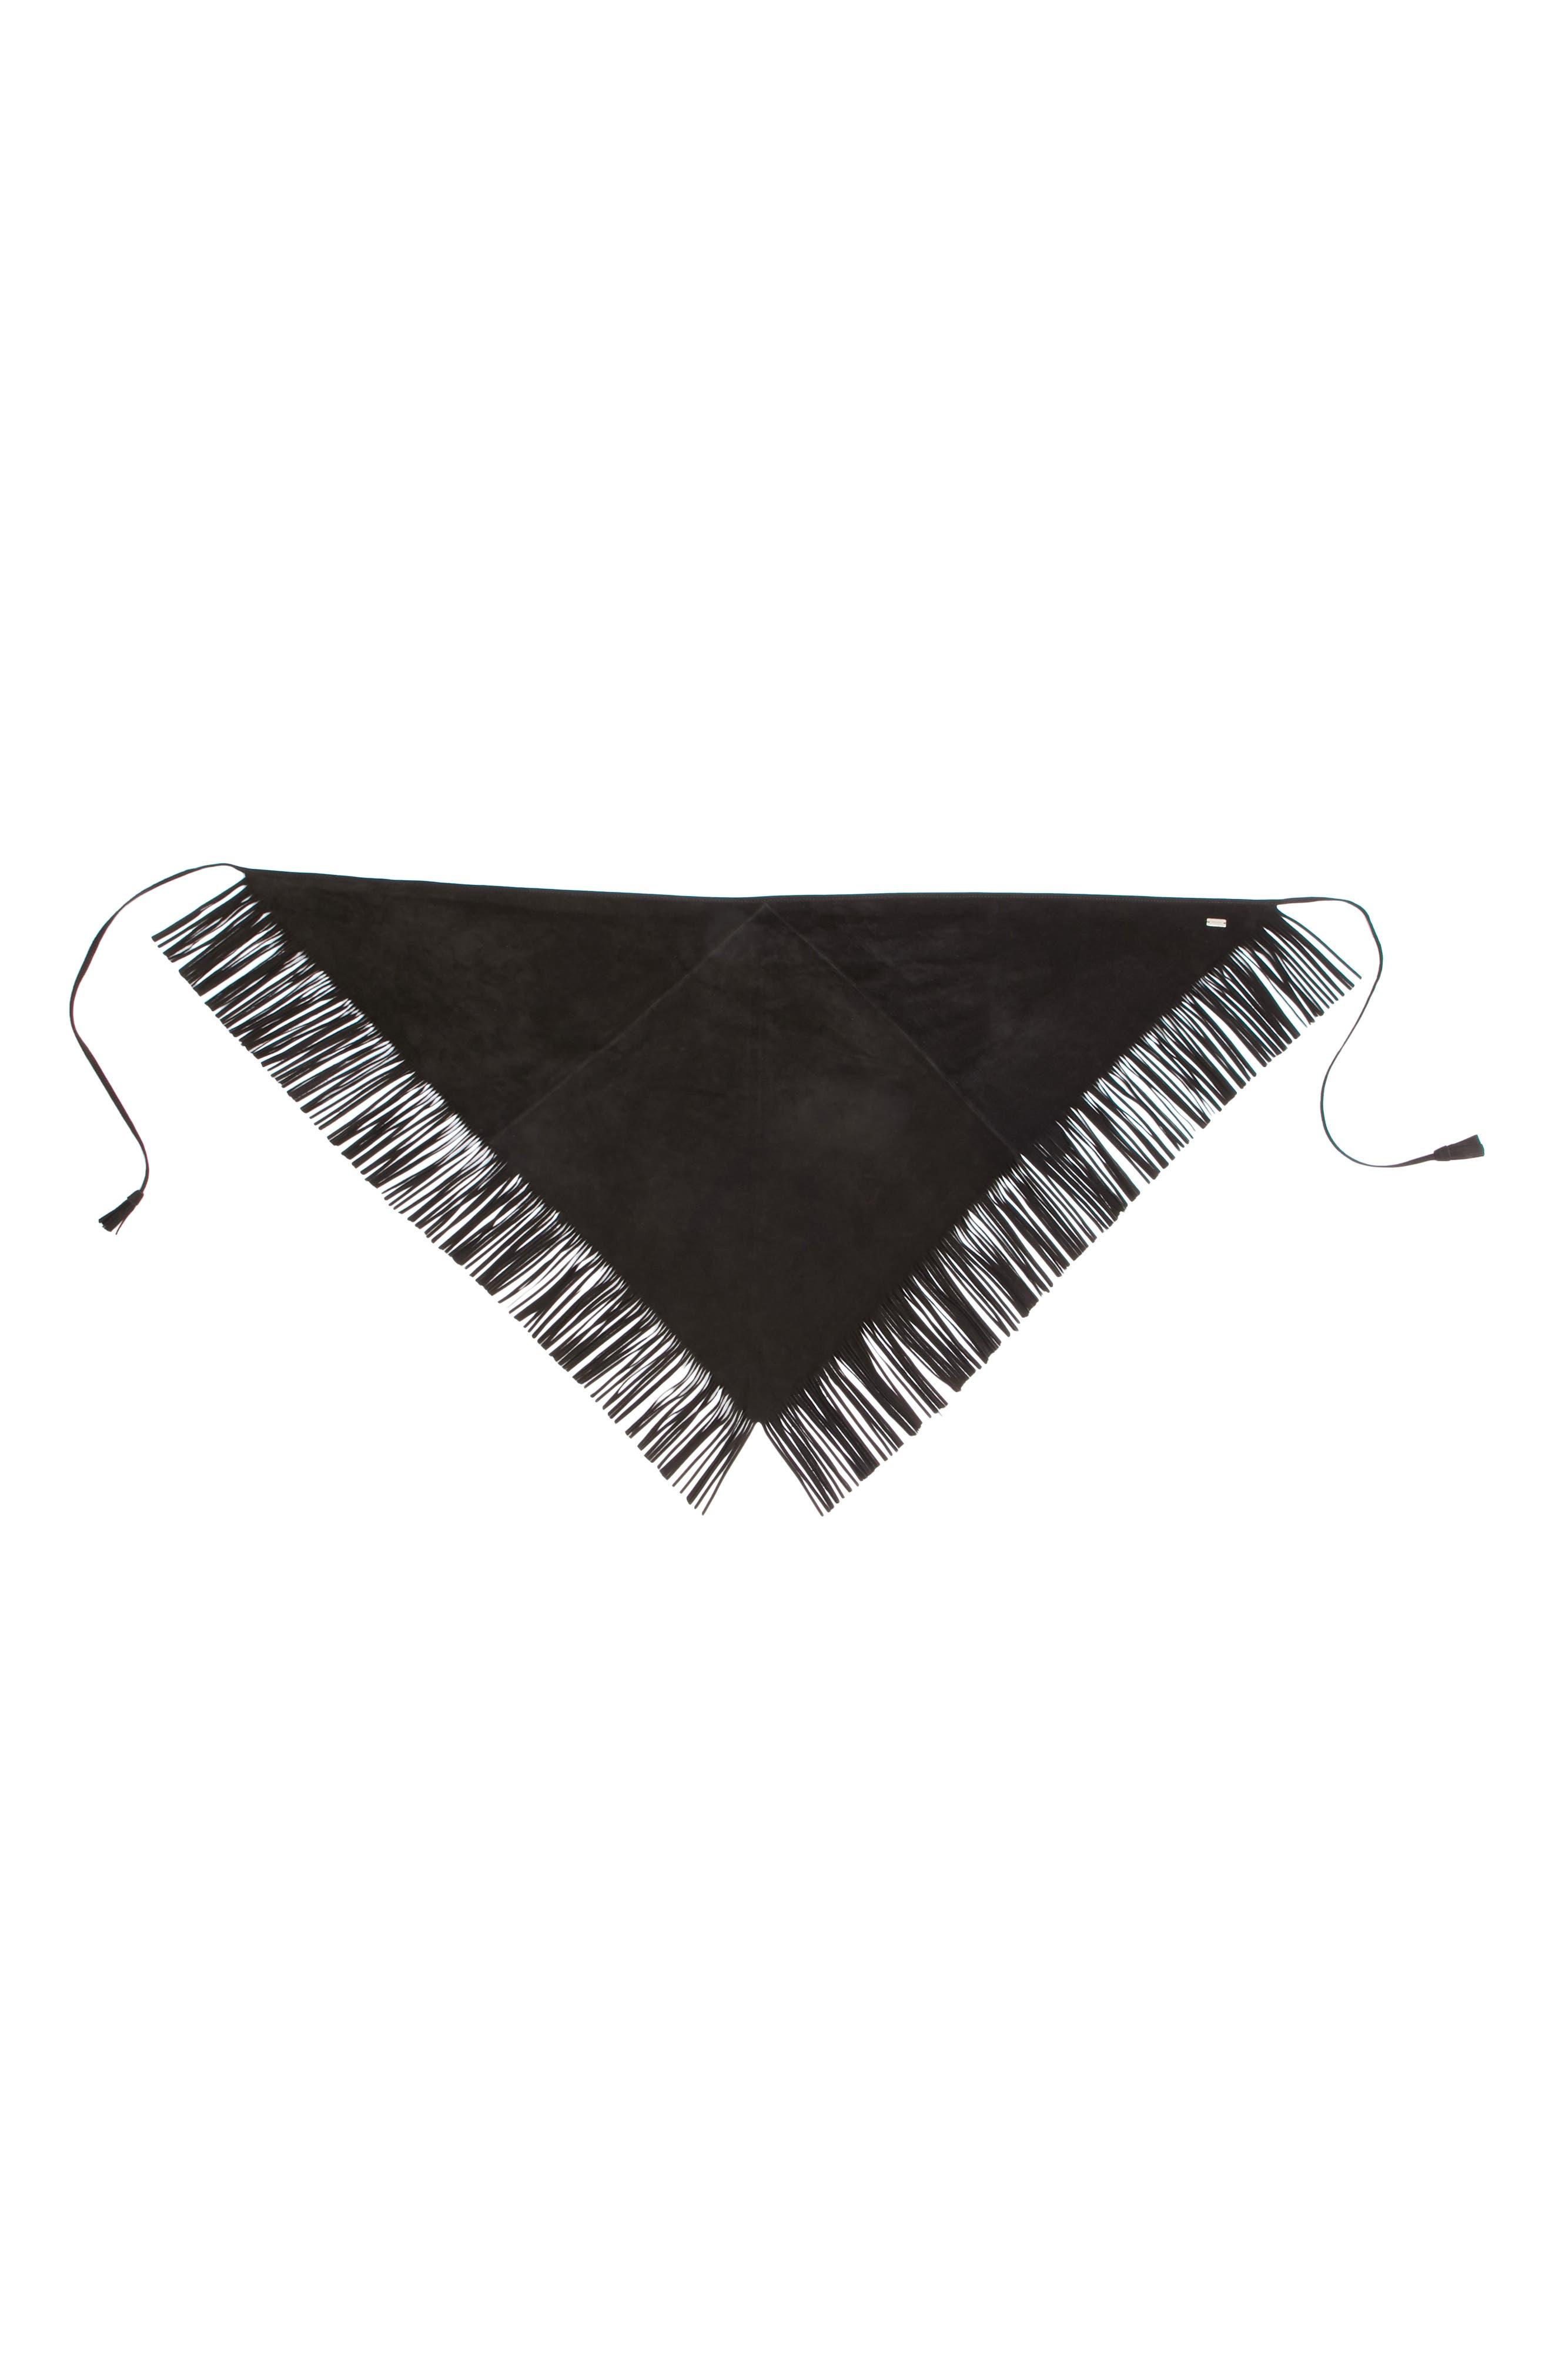 Designer Scarves Wraps For Women Nordstrom Silk Mohair Shawlette Allfreecrochetcom